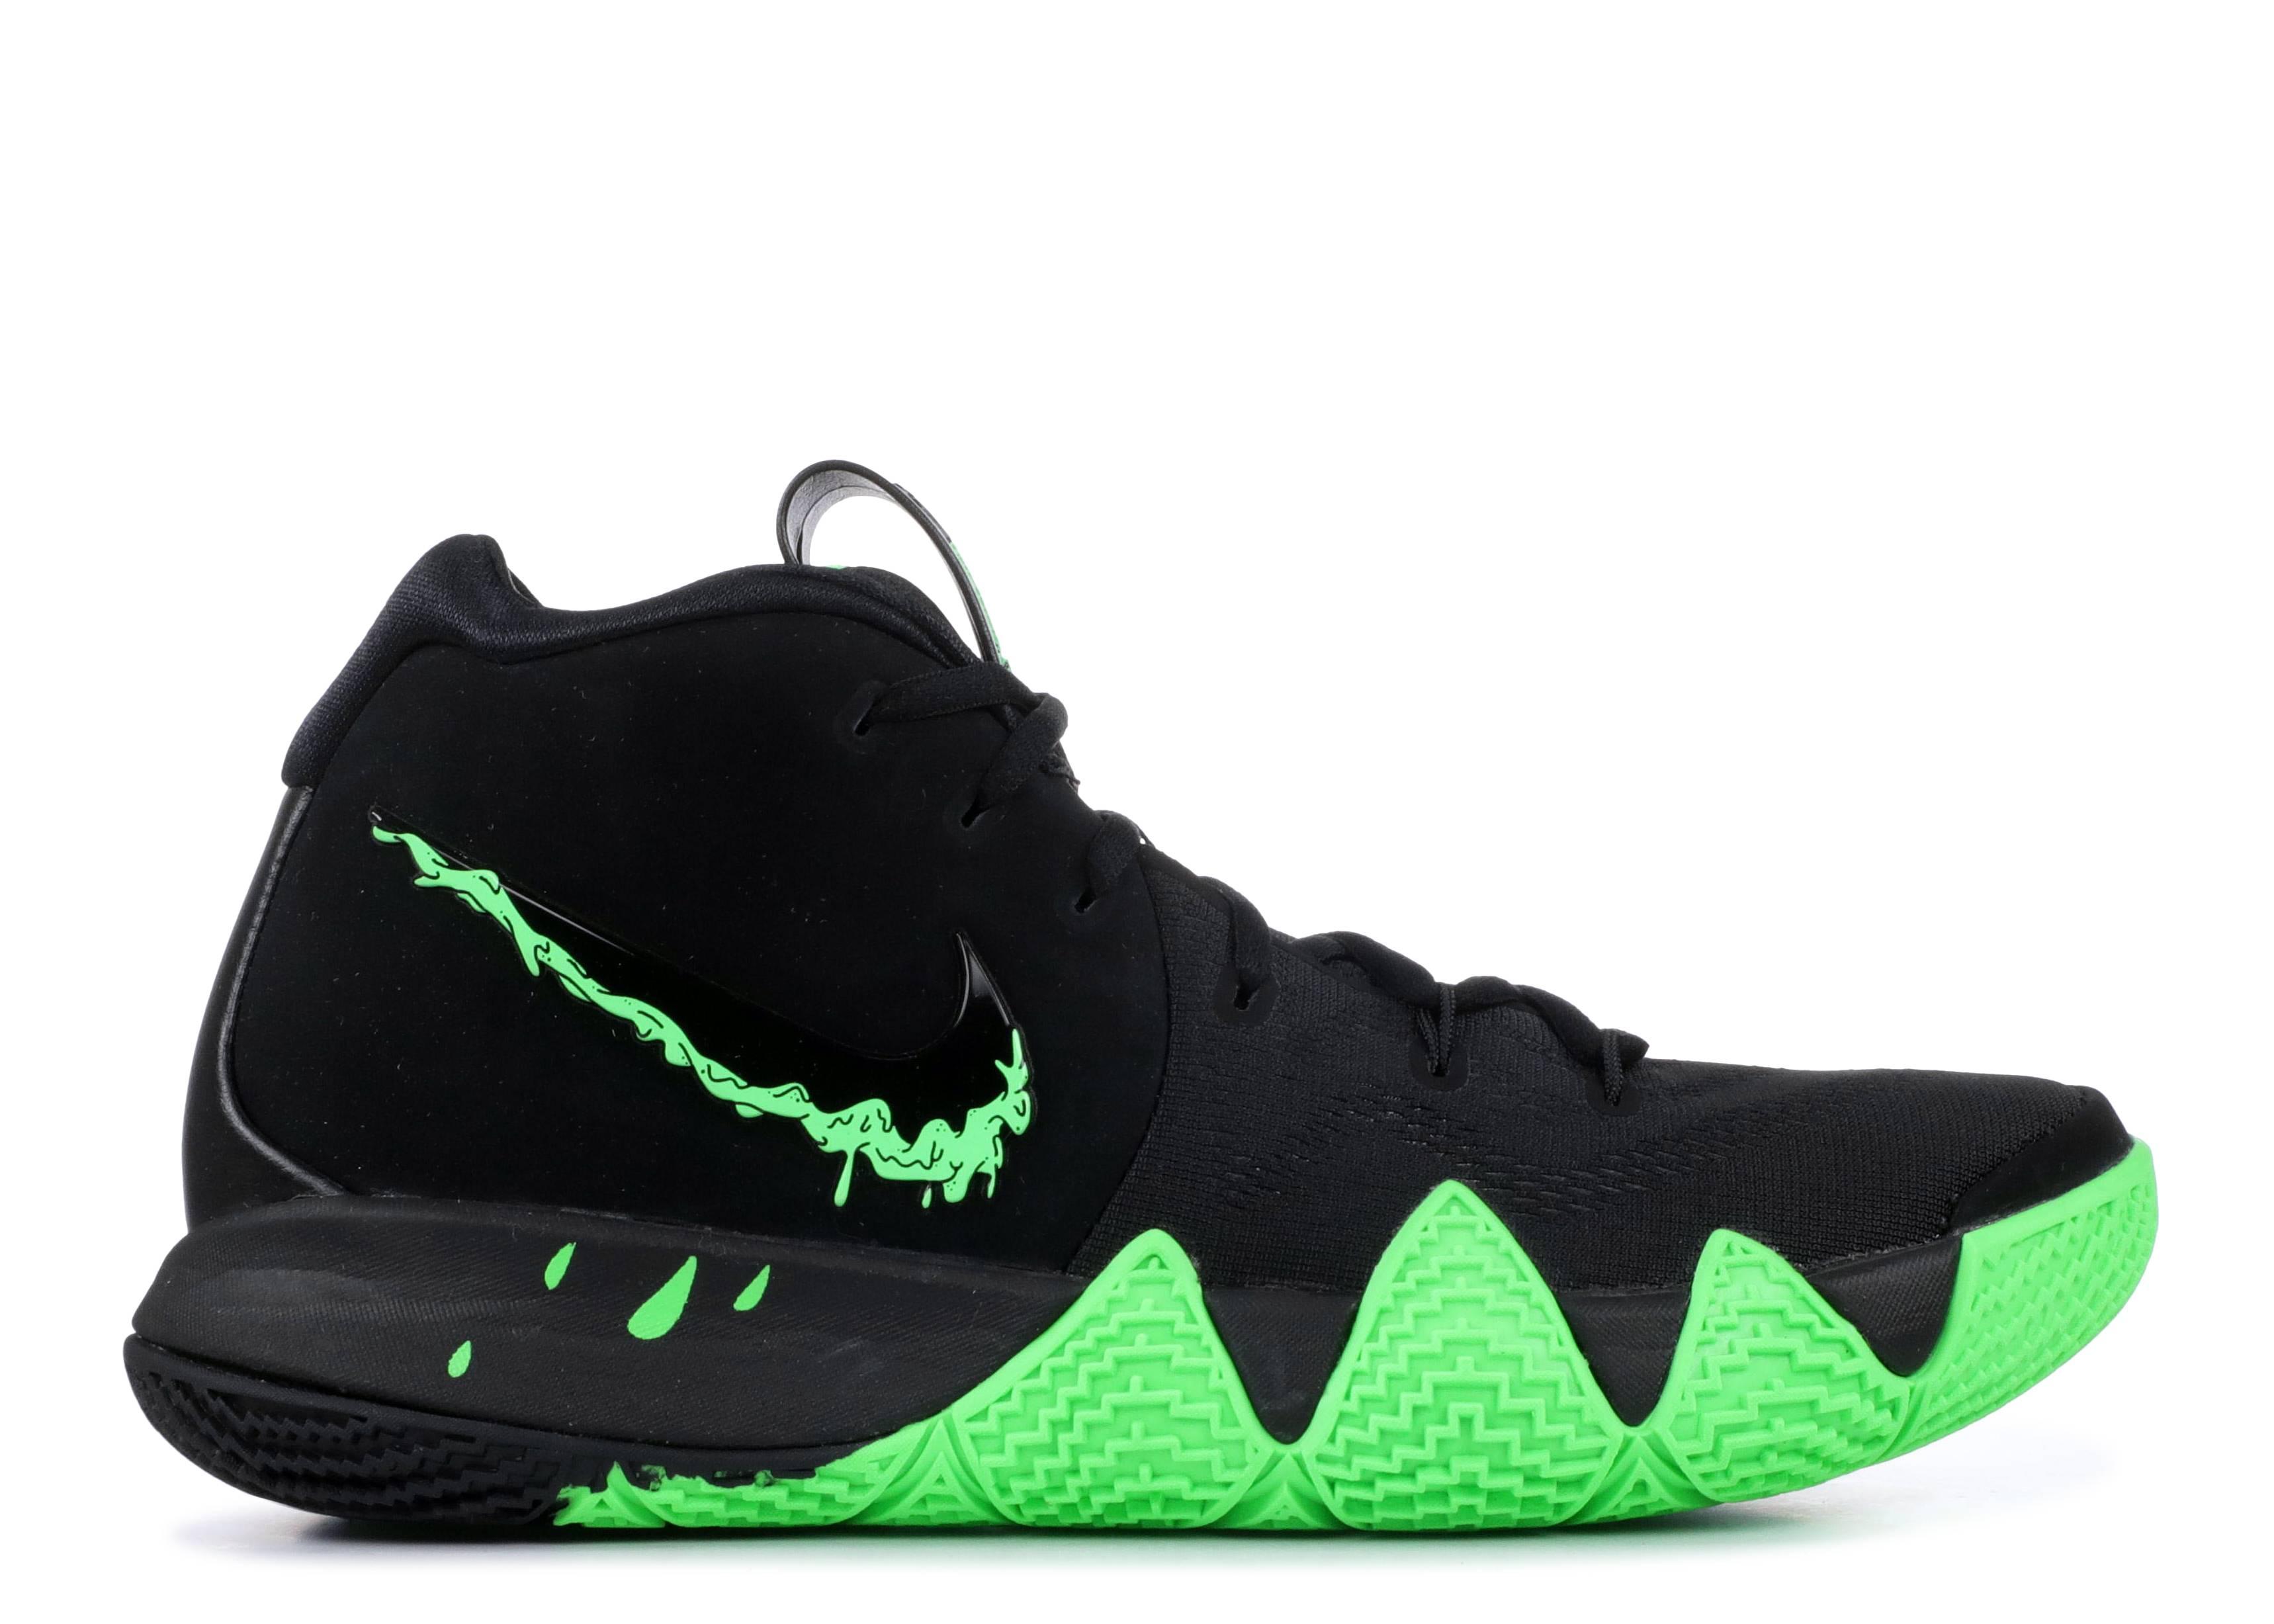 49dcb64d2026 Nike Kyrie 4